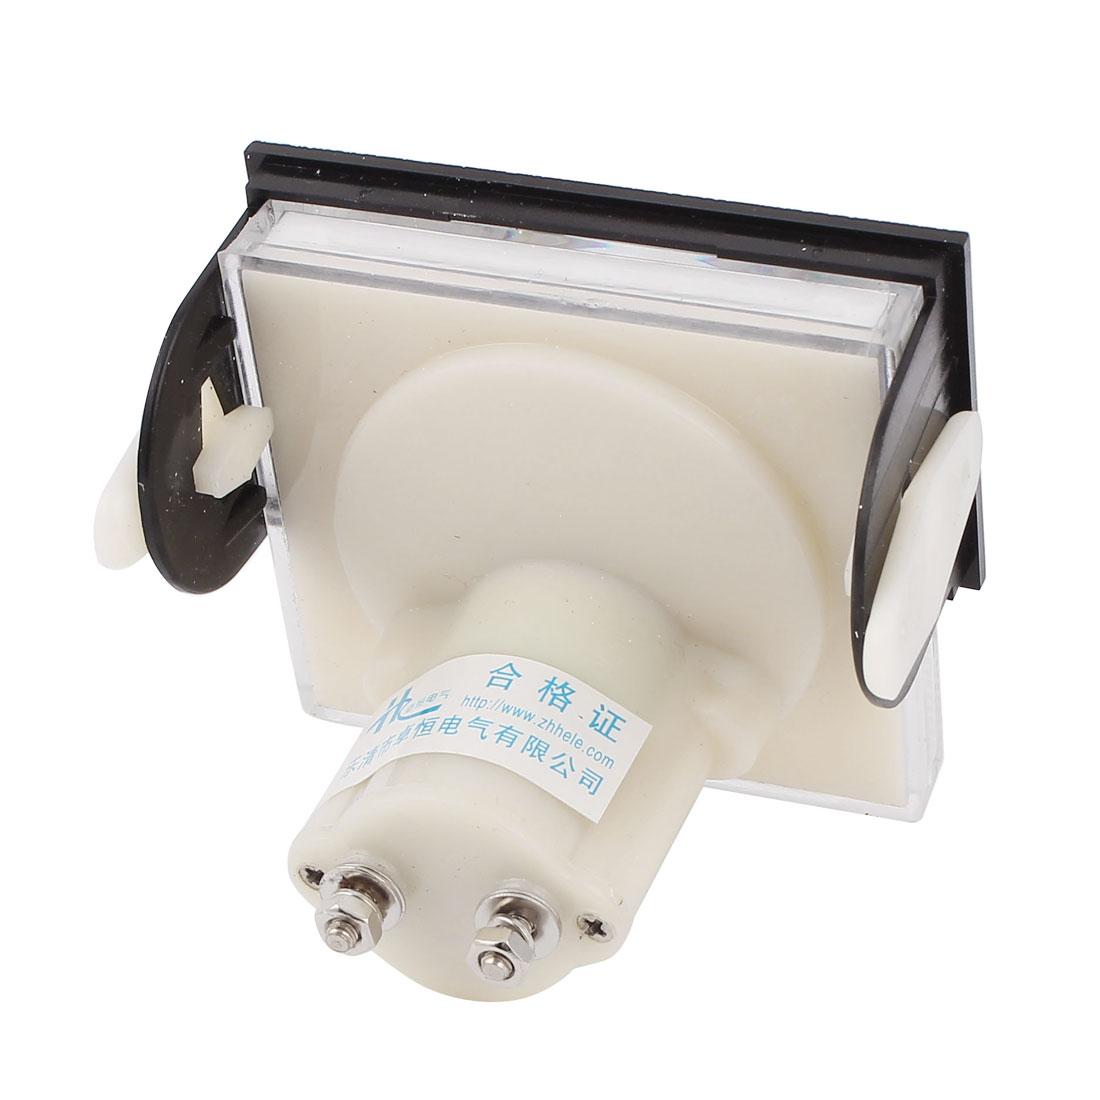 85C17 DC 0-50V Class 2.5 Analog Panel Voltage Voltmeter Gauge Volt Meter - image 1 of 2